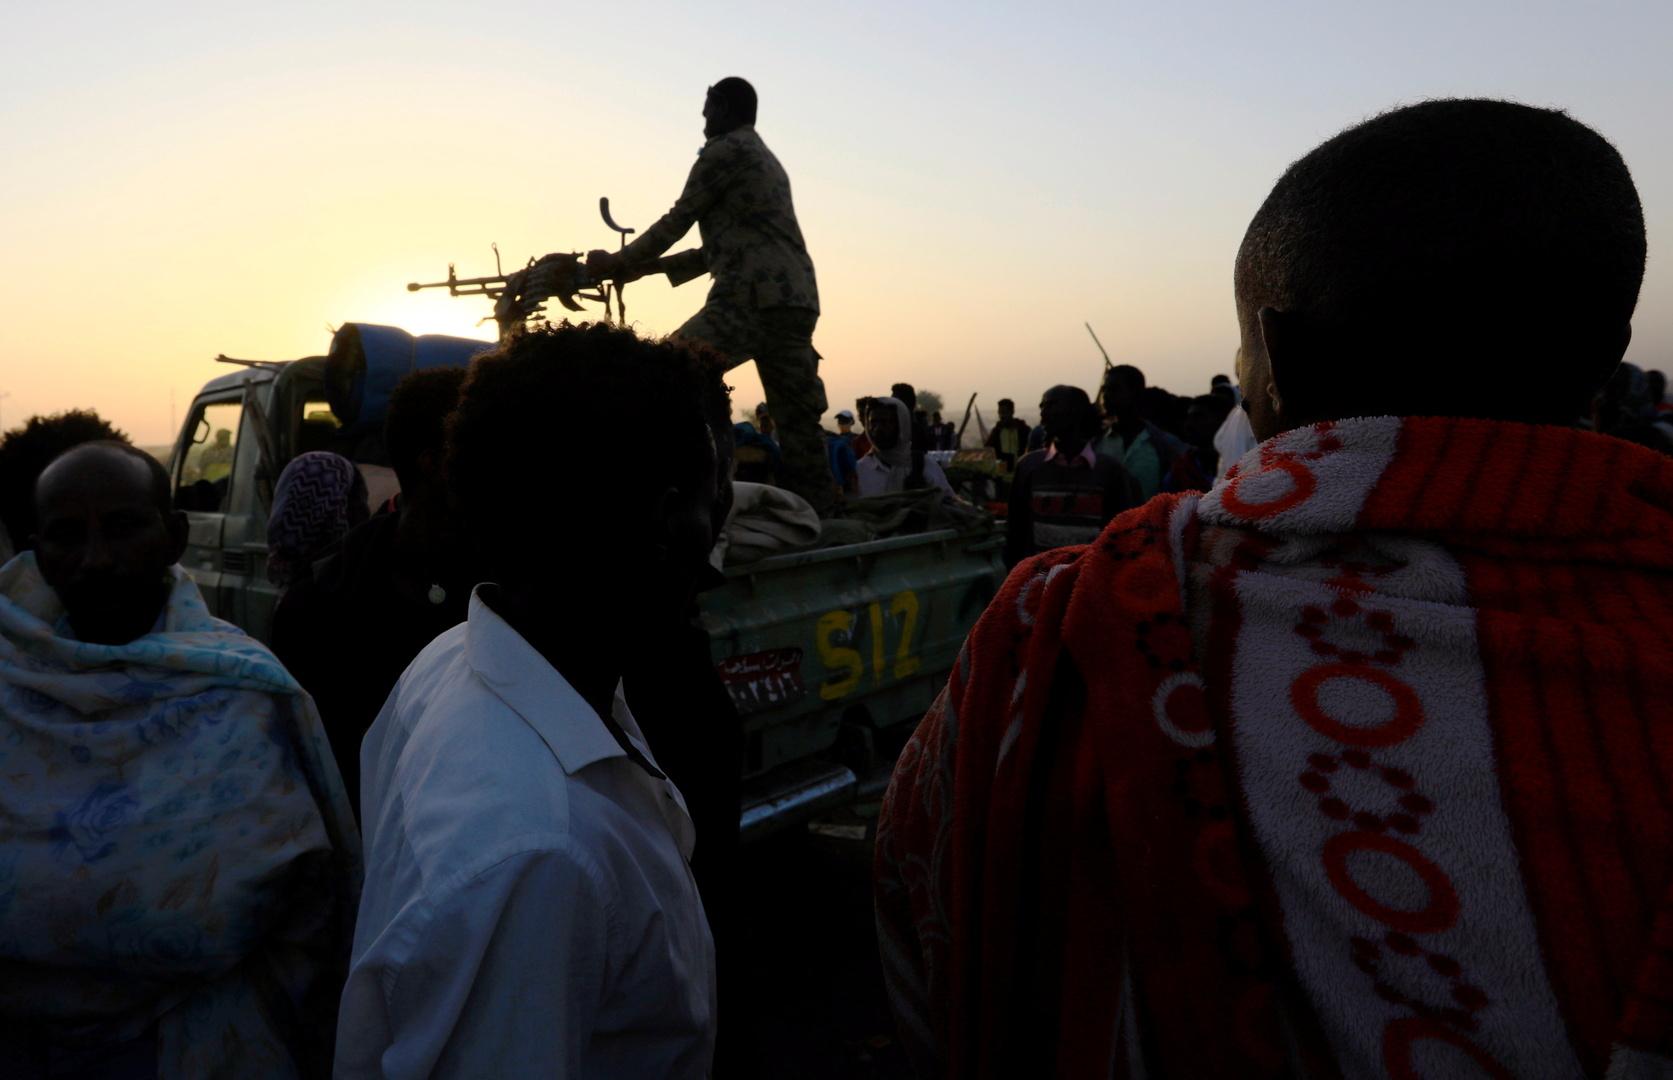 السفير الإثيوبي لدى الخرطوم يتهم الجيش السوداني بالاستيلاء على 9 مواقع إثيوبية